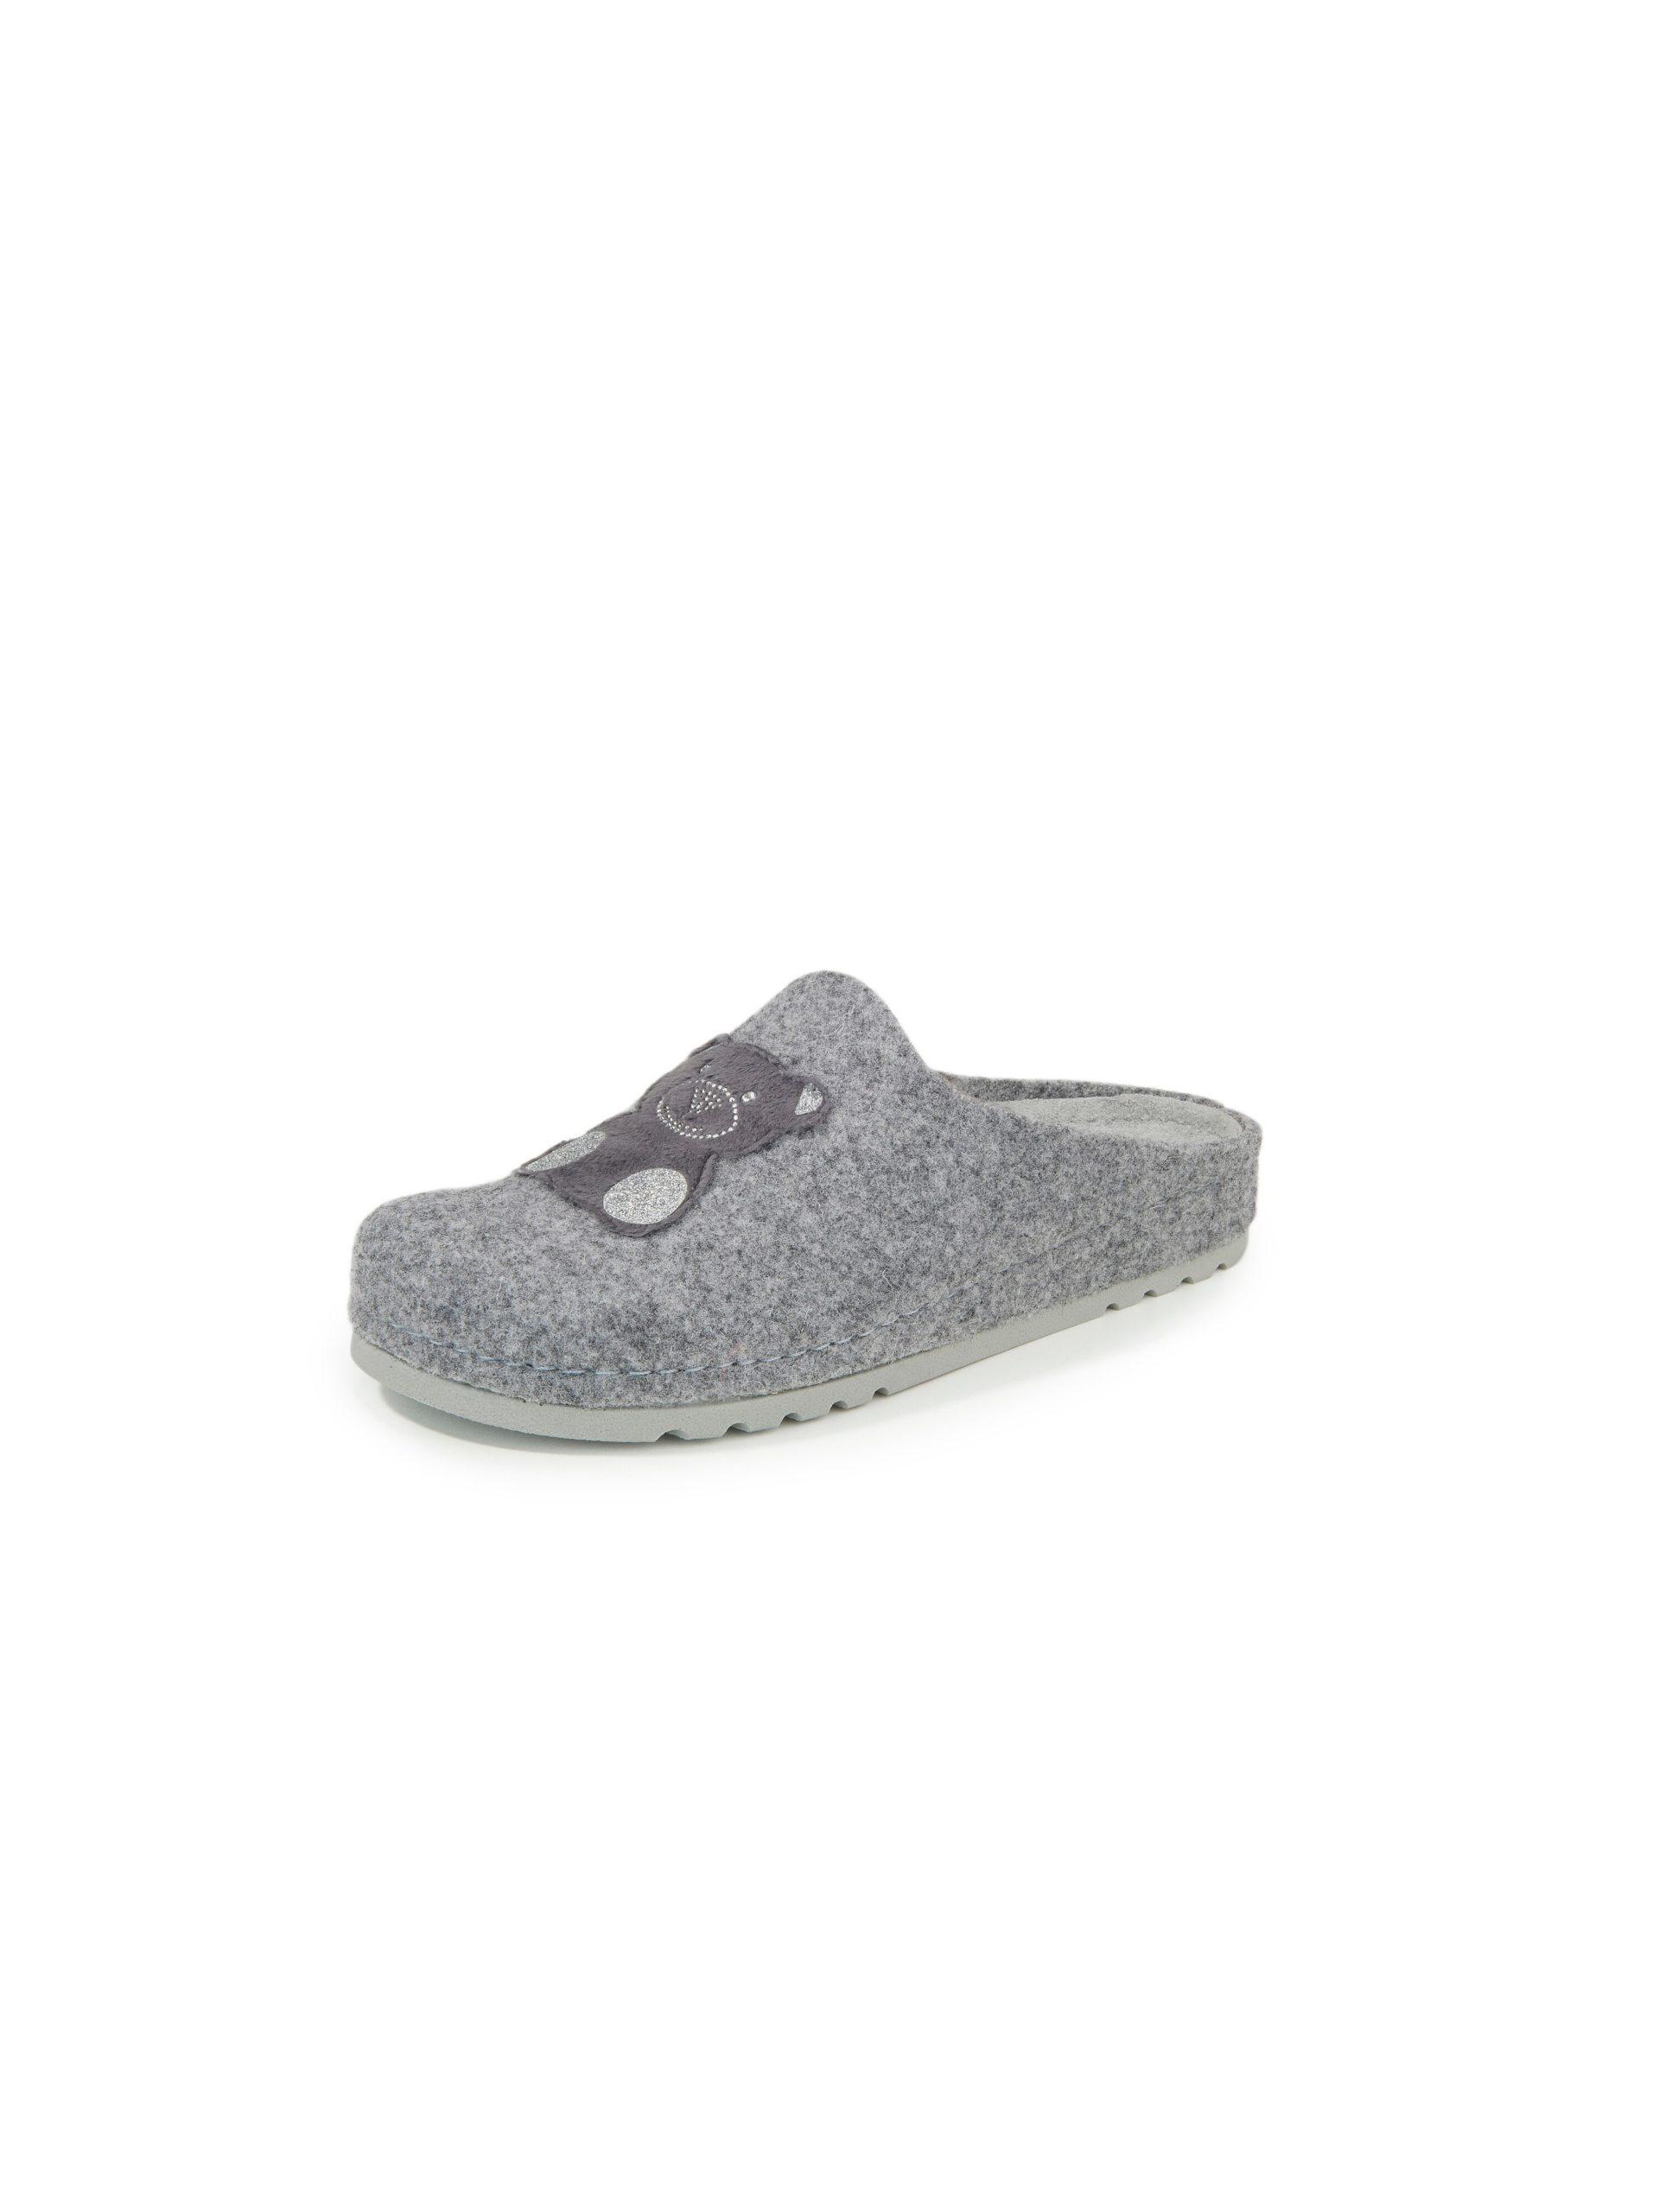 Pantoffels Van MUBB grijs Kopen